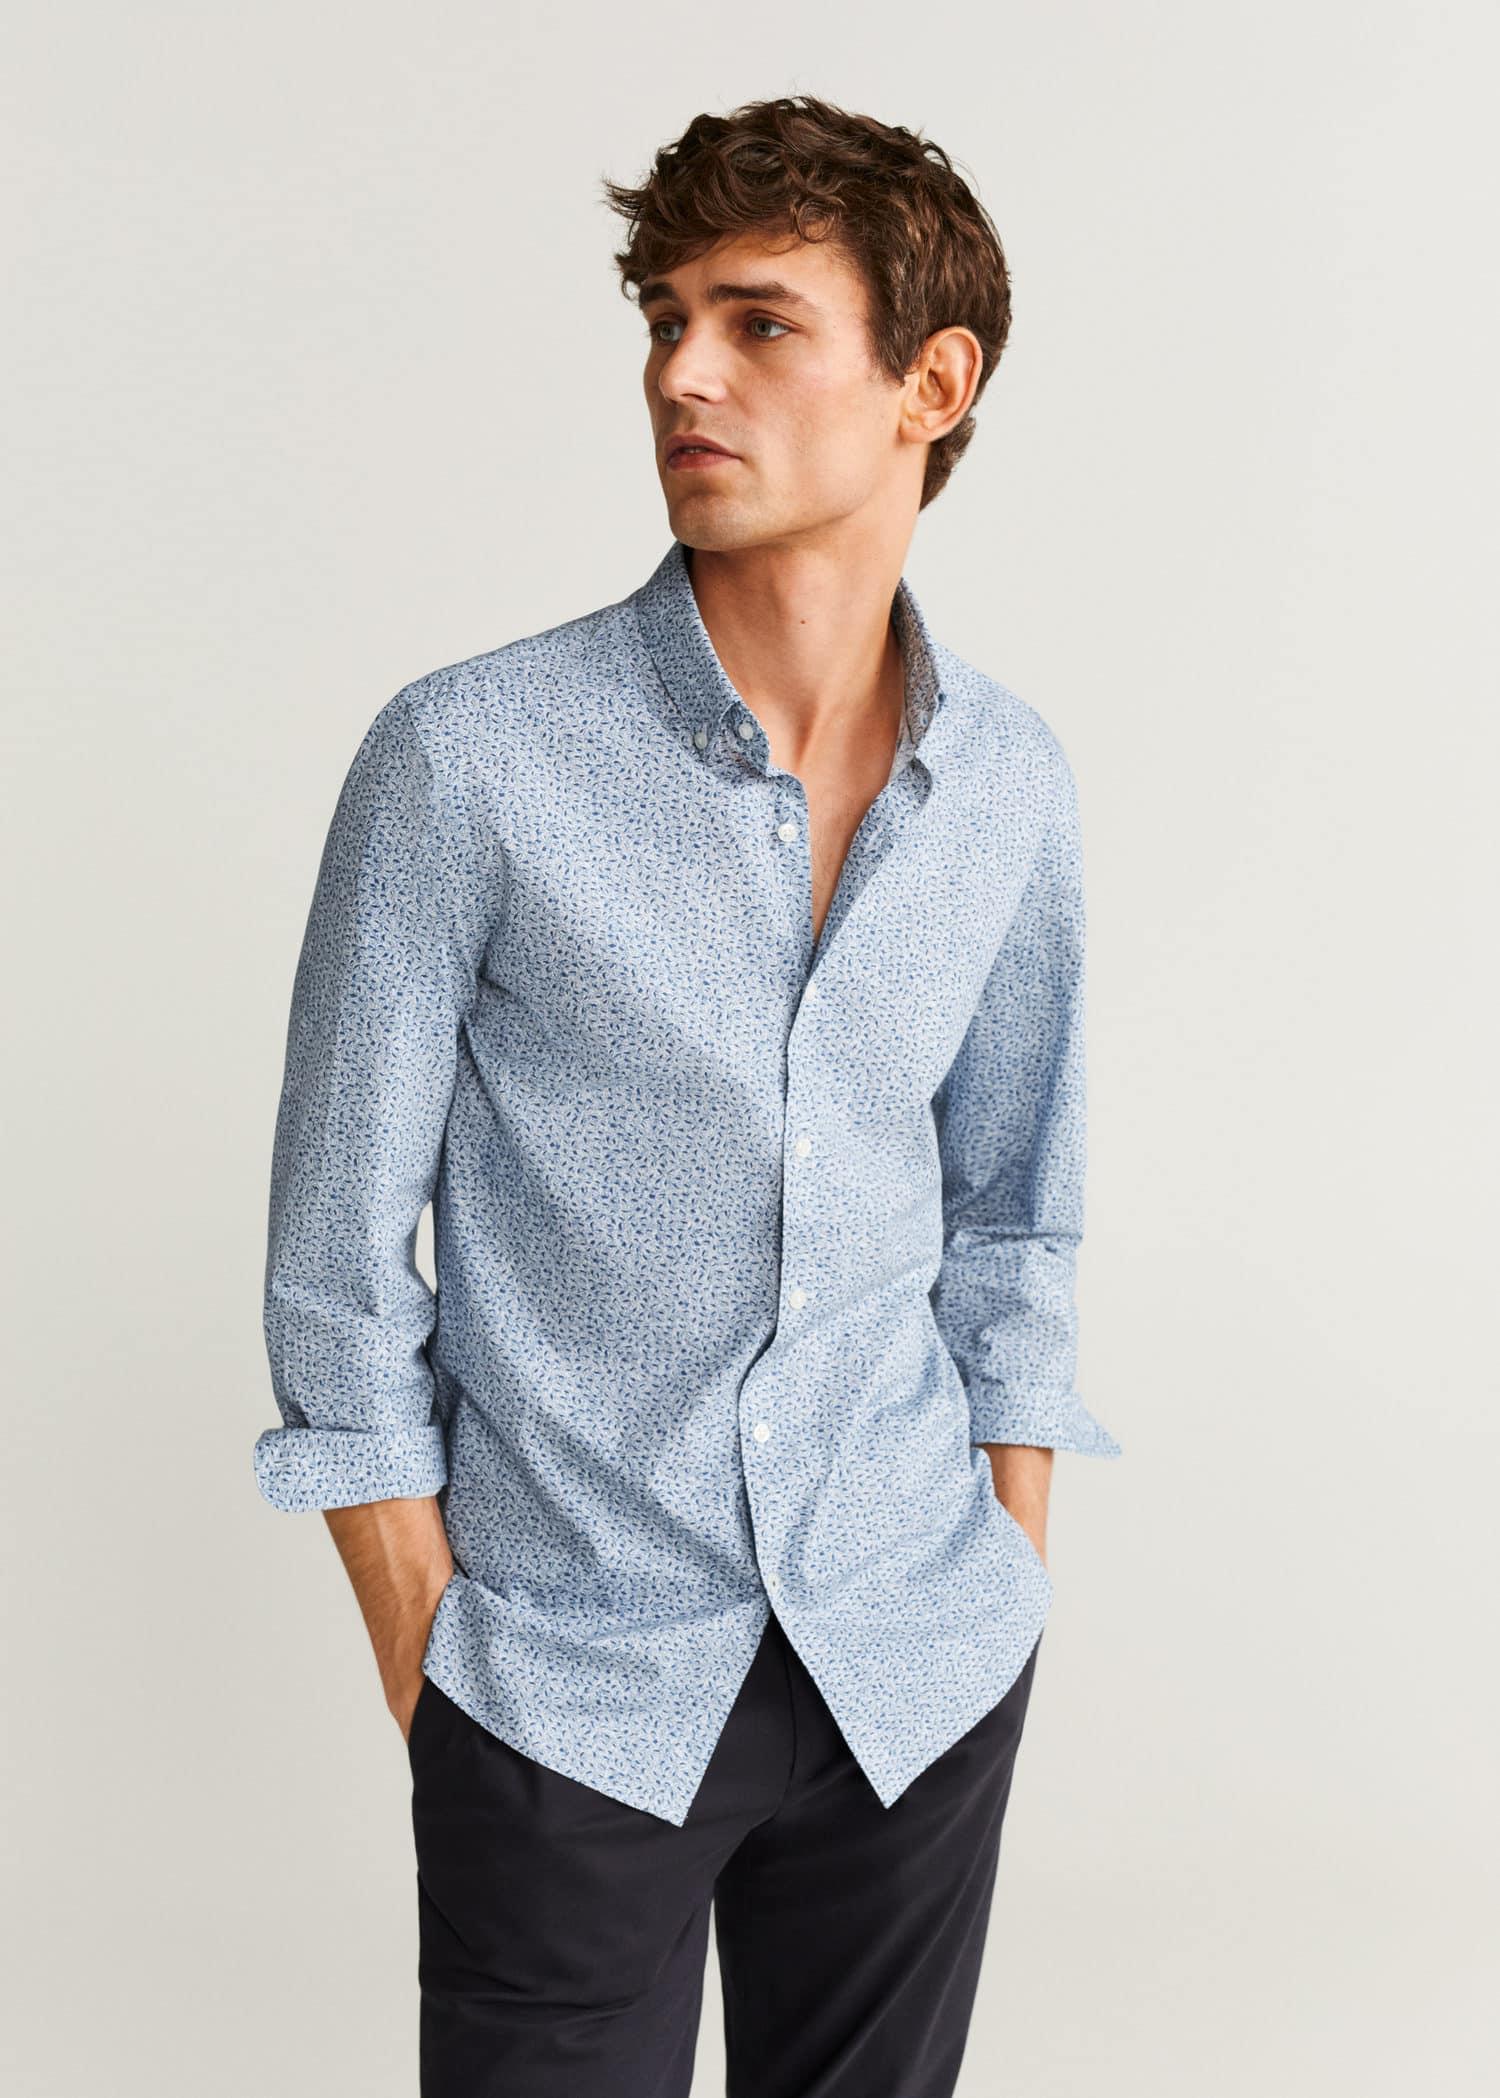 Camisas de Hombre 2020 | Mango Man España